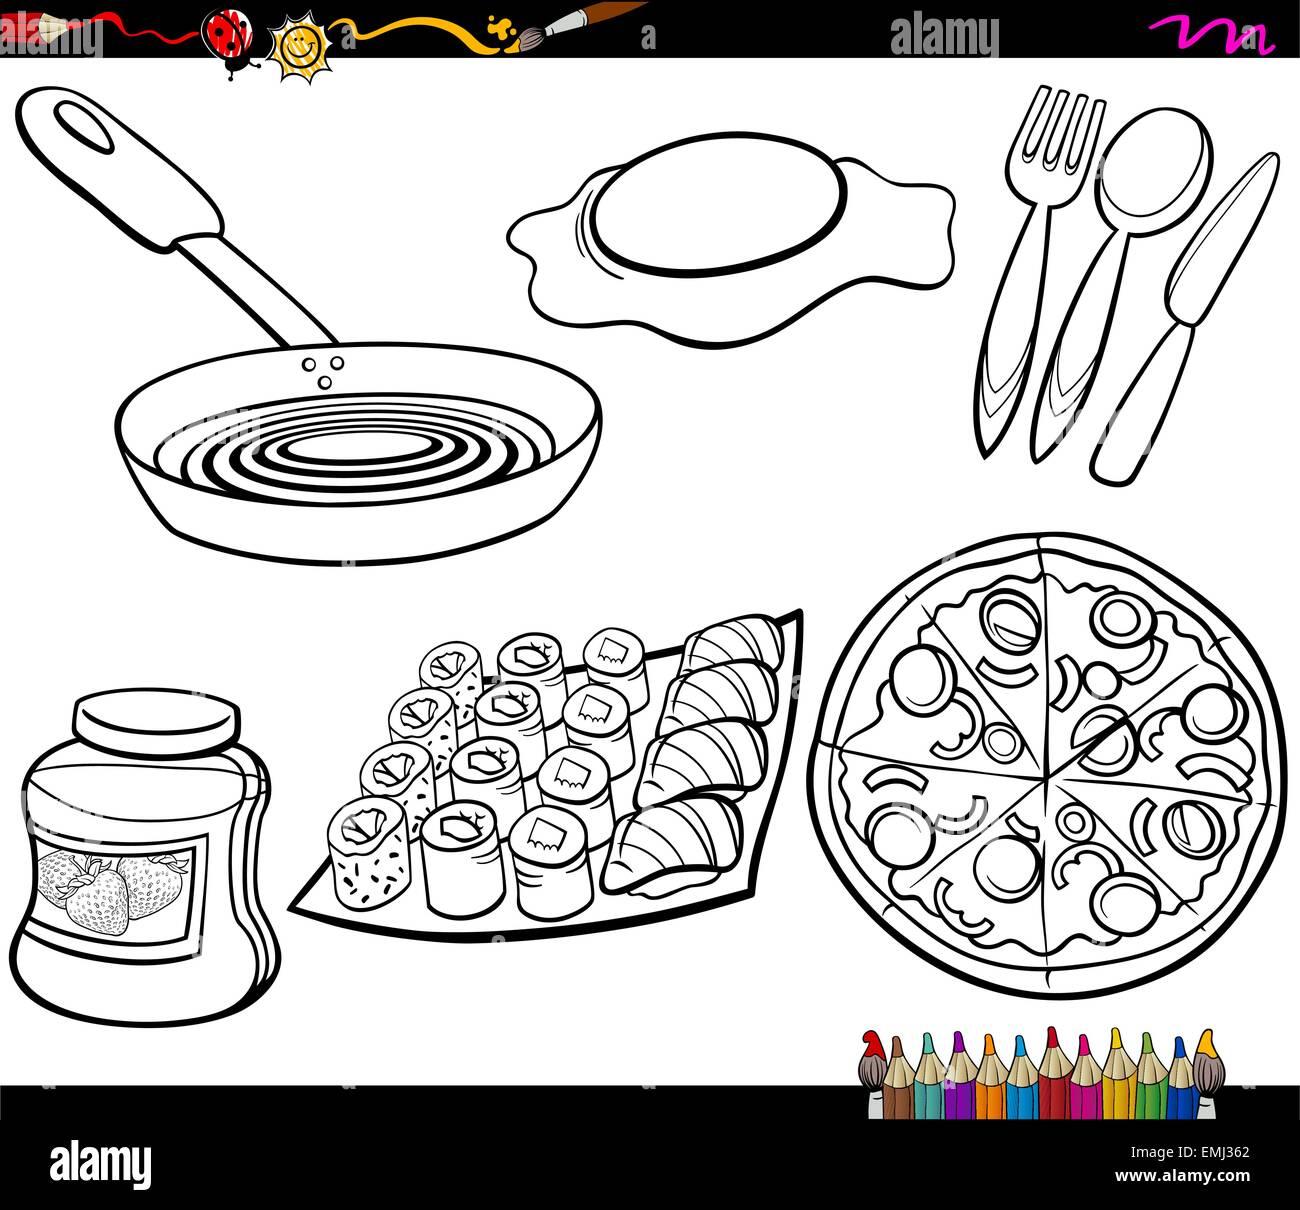 Para Colorear Comida Dibujos Kawaii De Comida Para Colorear Imagui